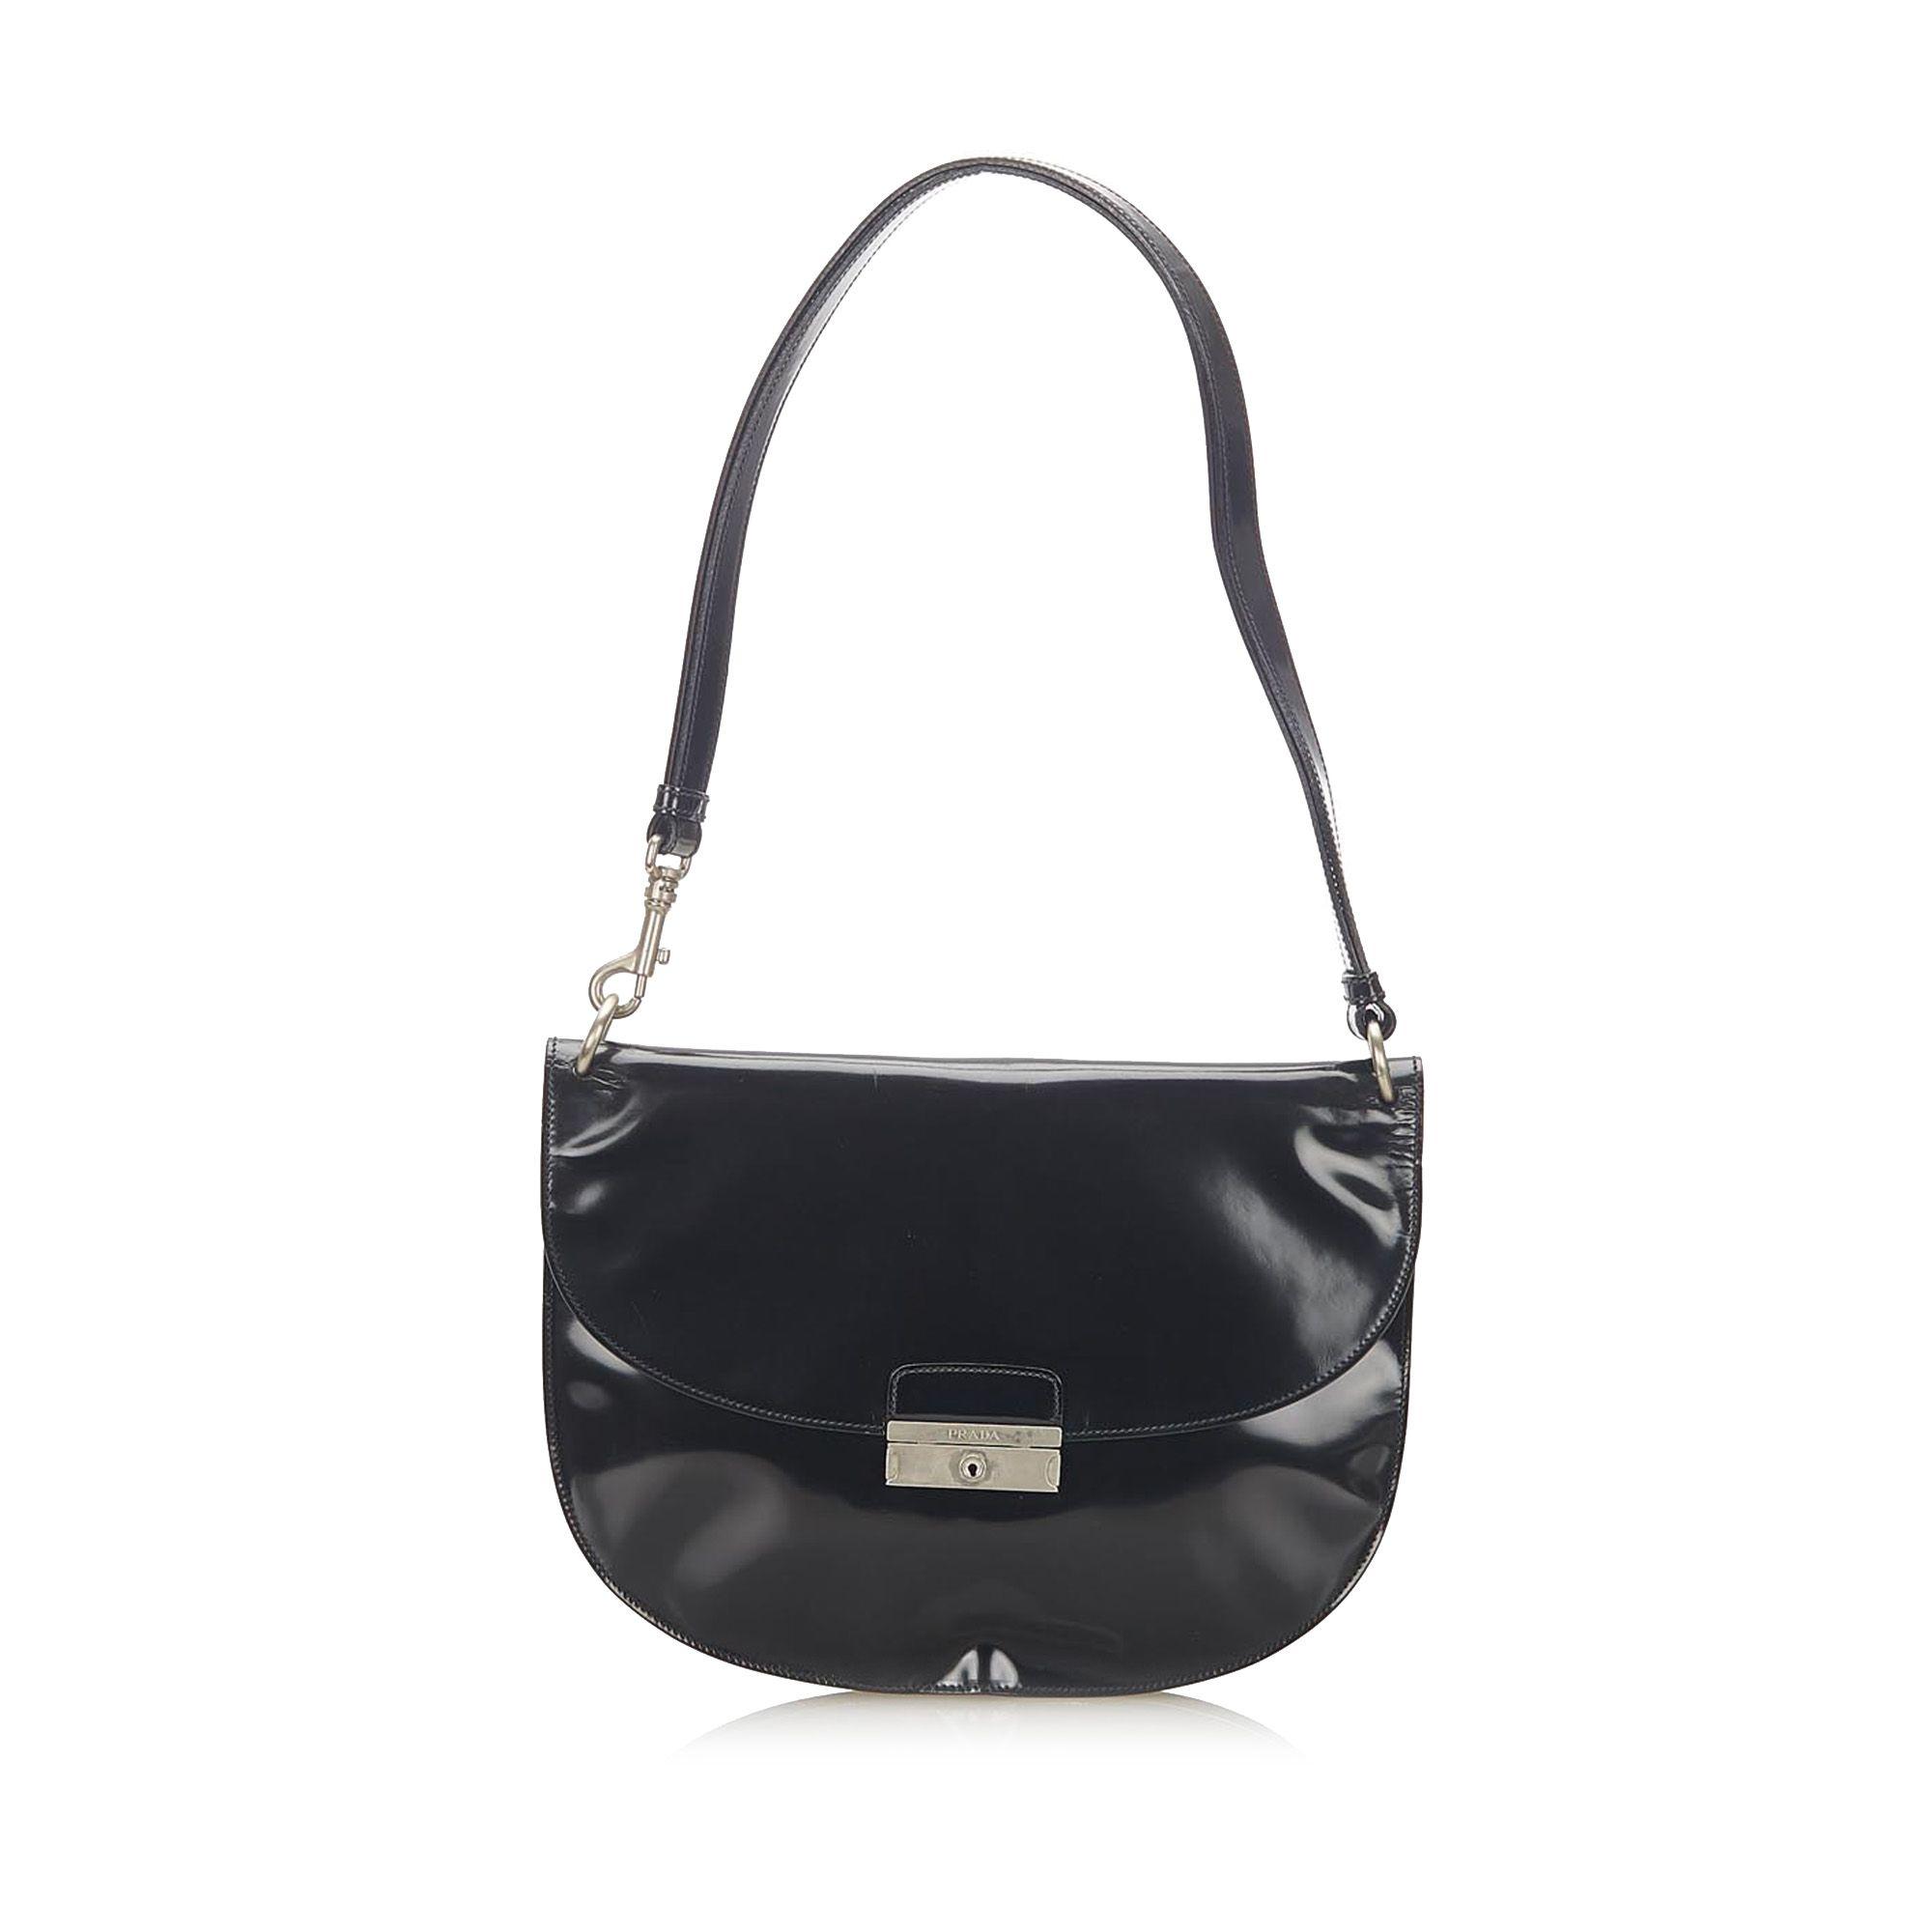 Vintage Prada Patent Leather Shoulder Bag Black